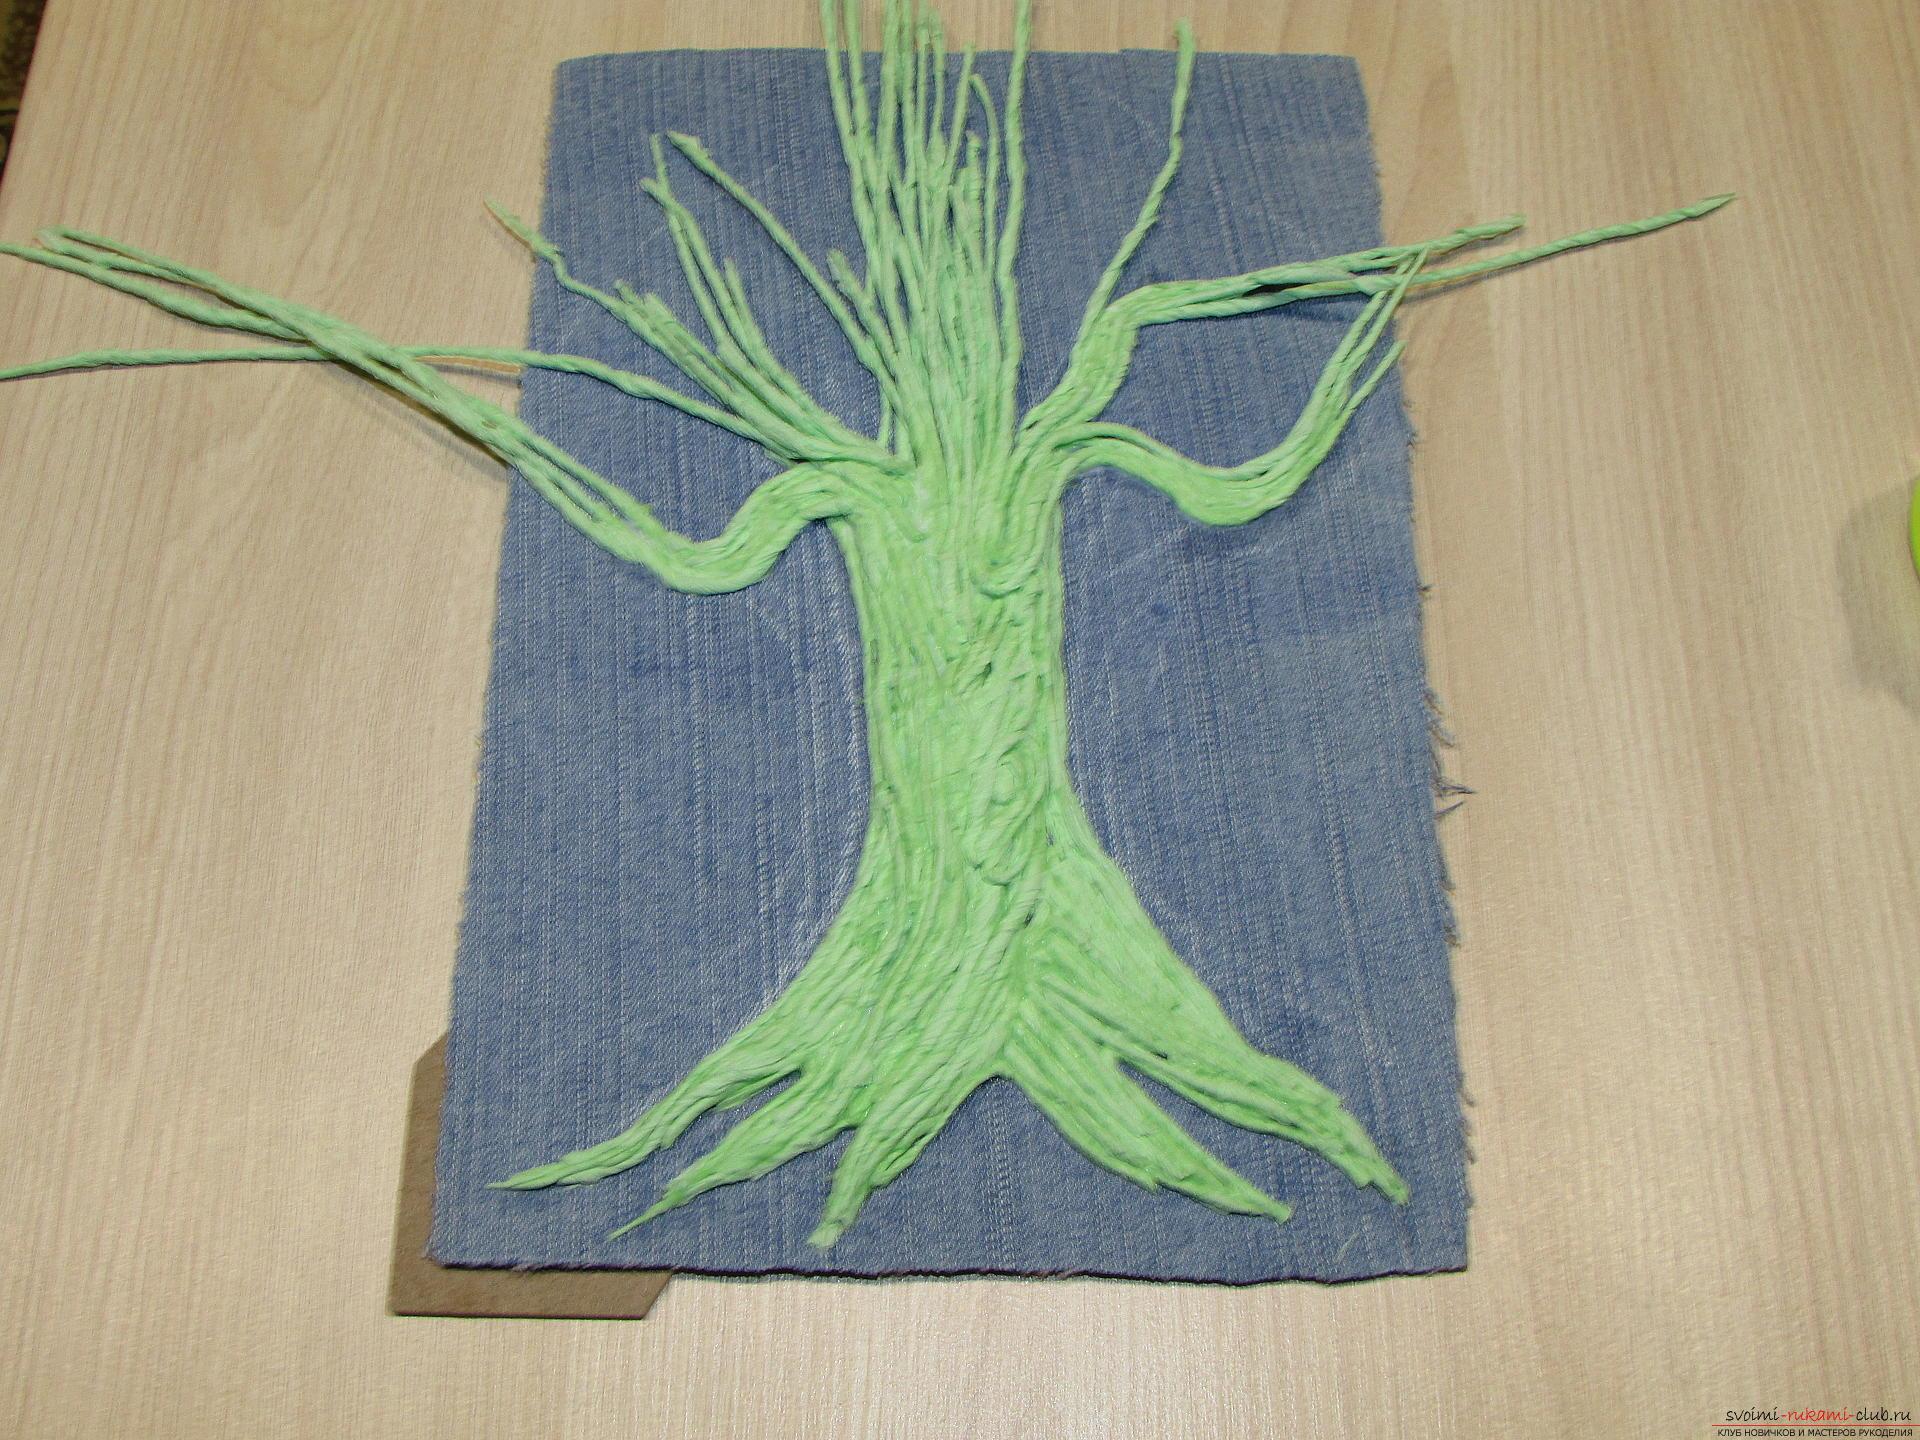 Мастер-класс покажет как сделать денежное дерево из монет своими руками.. Фото №9